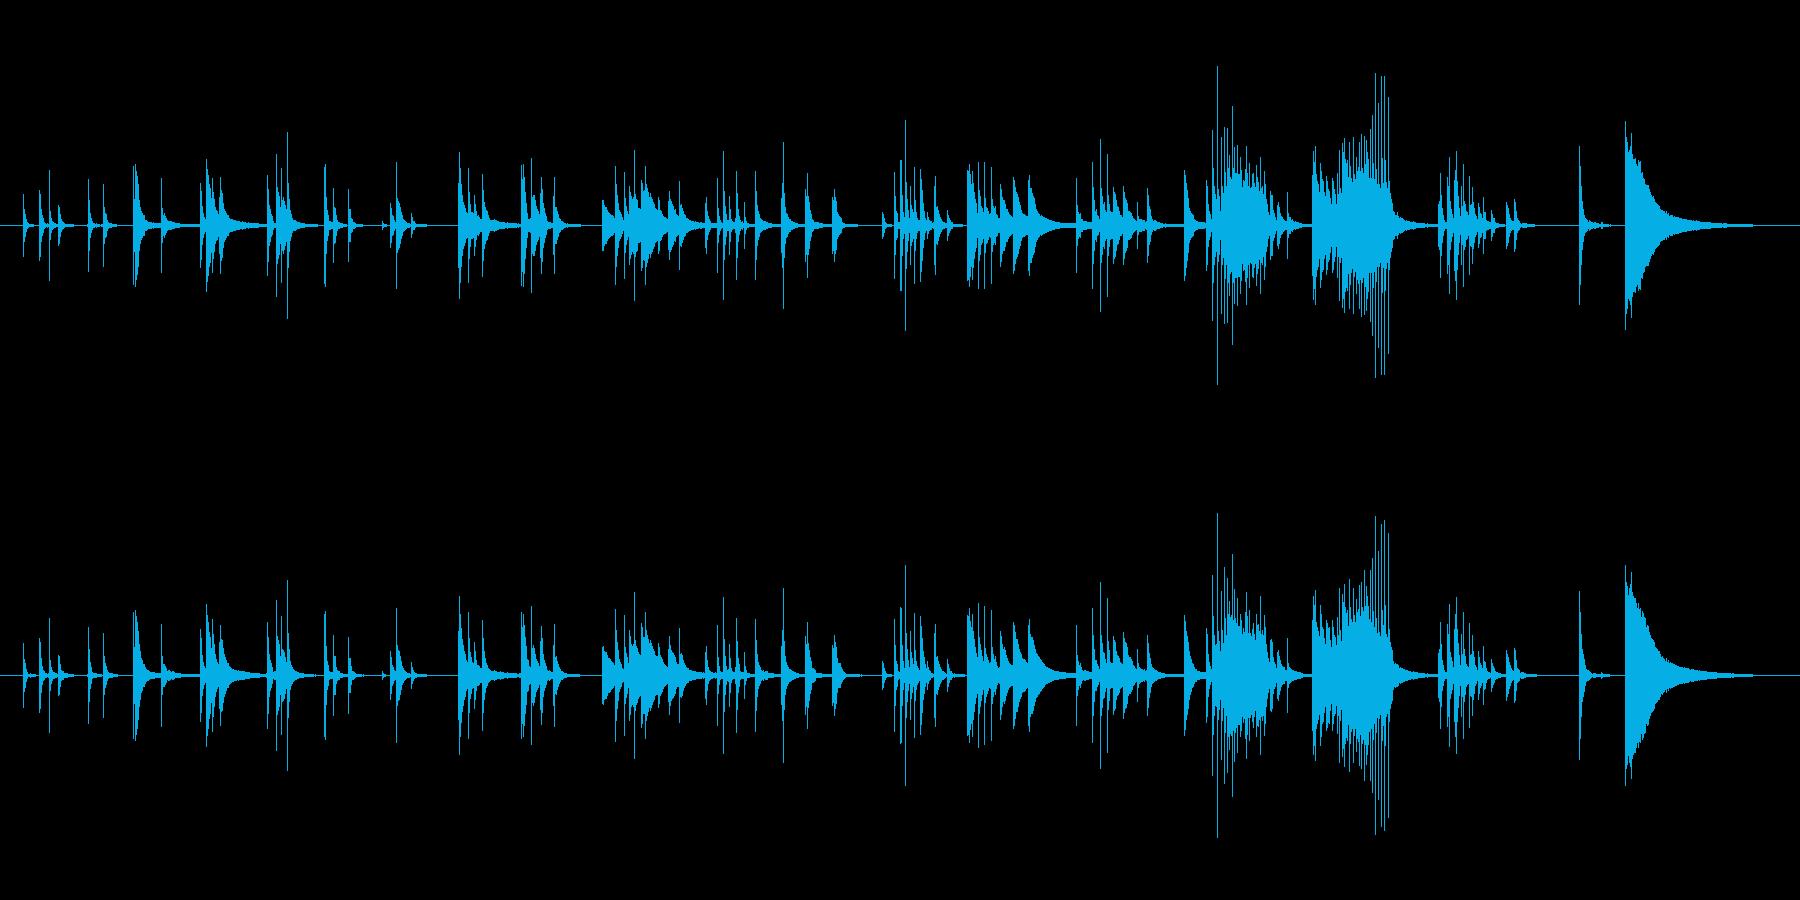 ピアノ中高音域を多用したメロディーの再生済みの波形